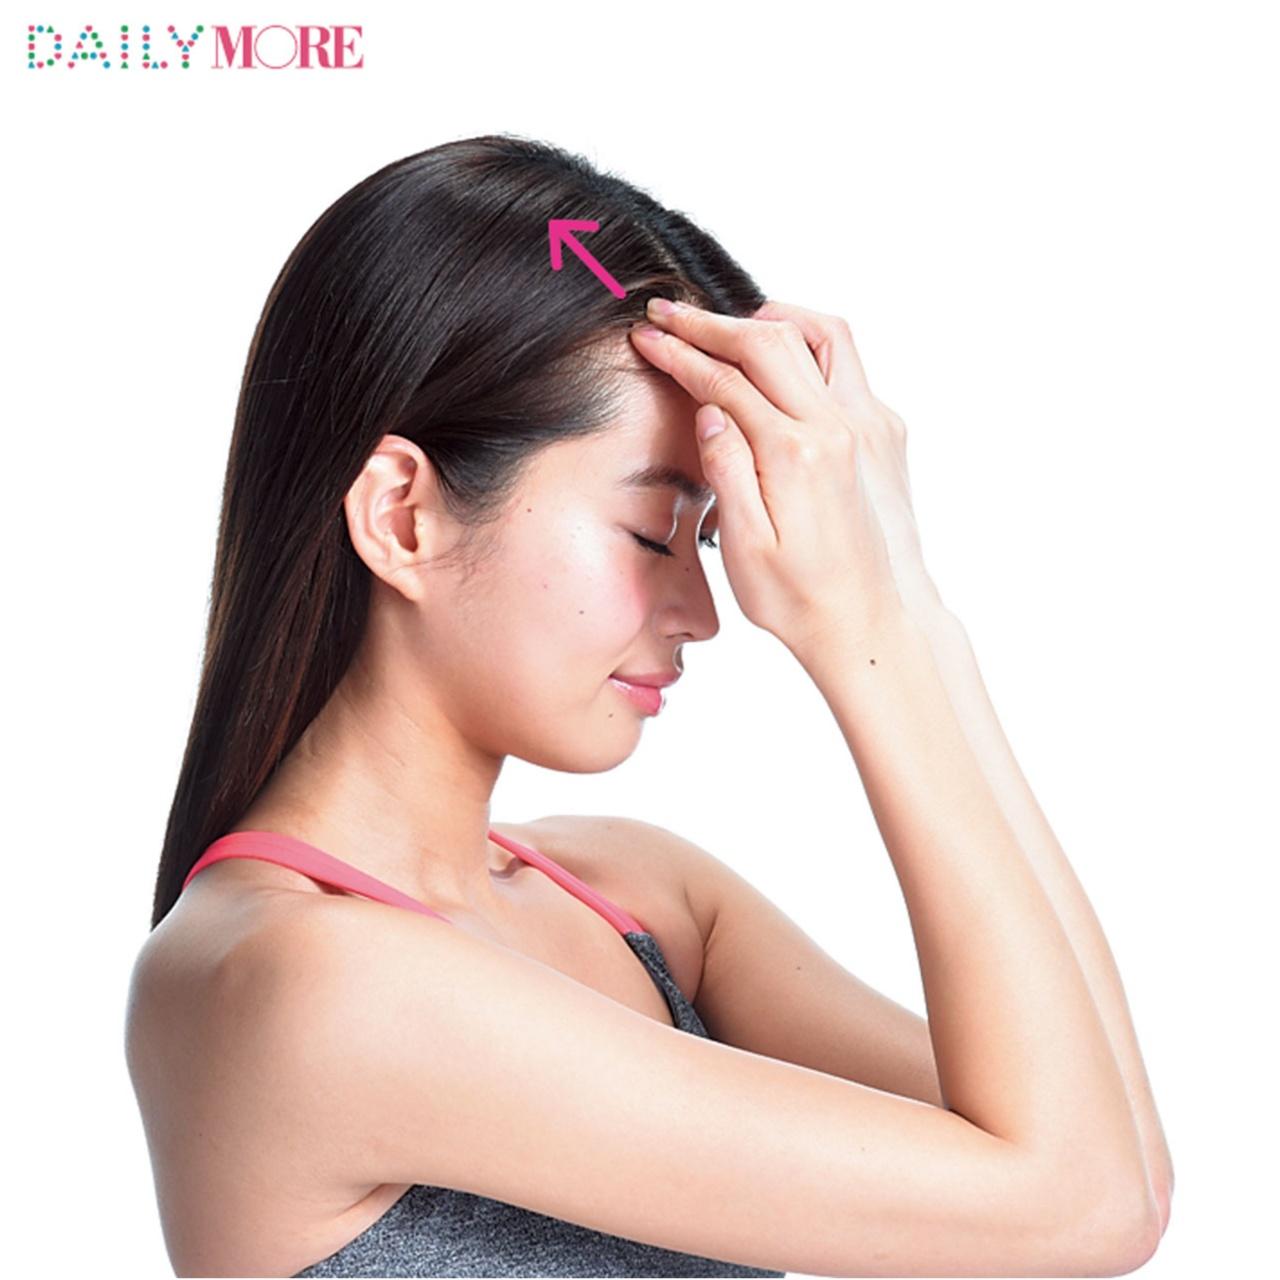 20代女子の薄毛が増えている! 薄毛予防の「頭皮マッサージ」を今すぐはじめよう_7